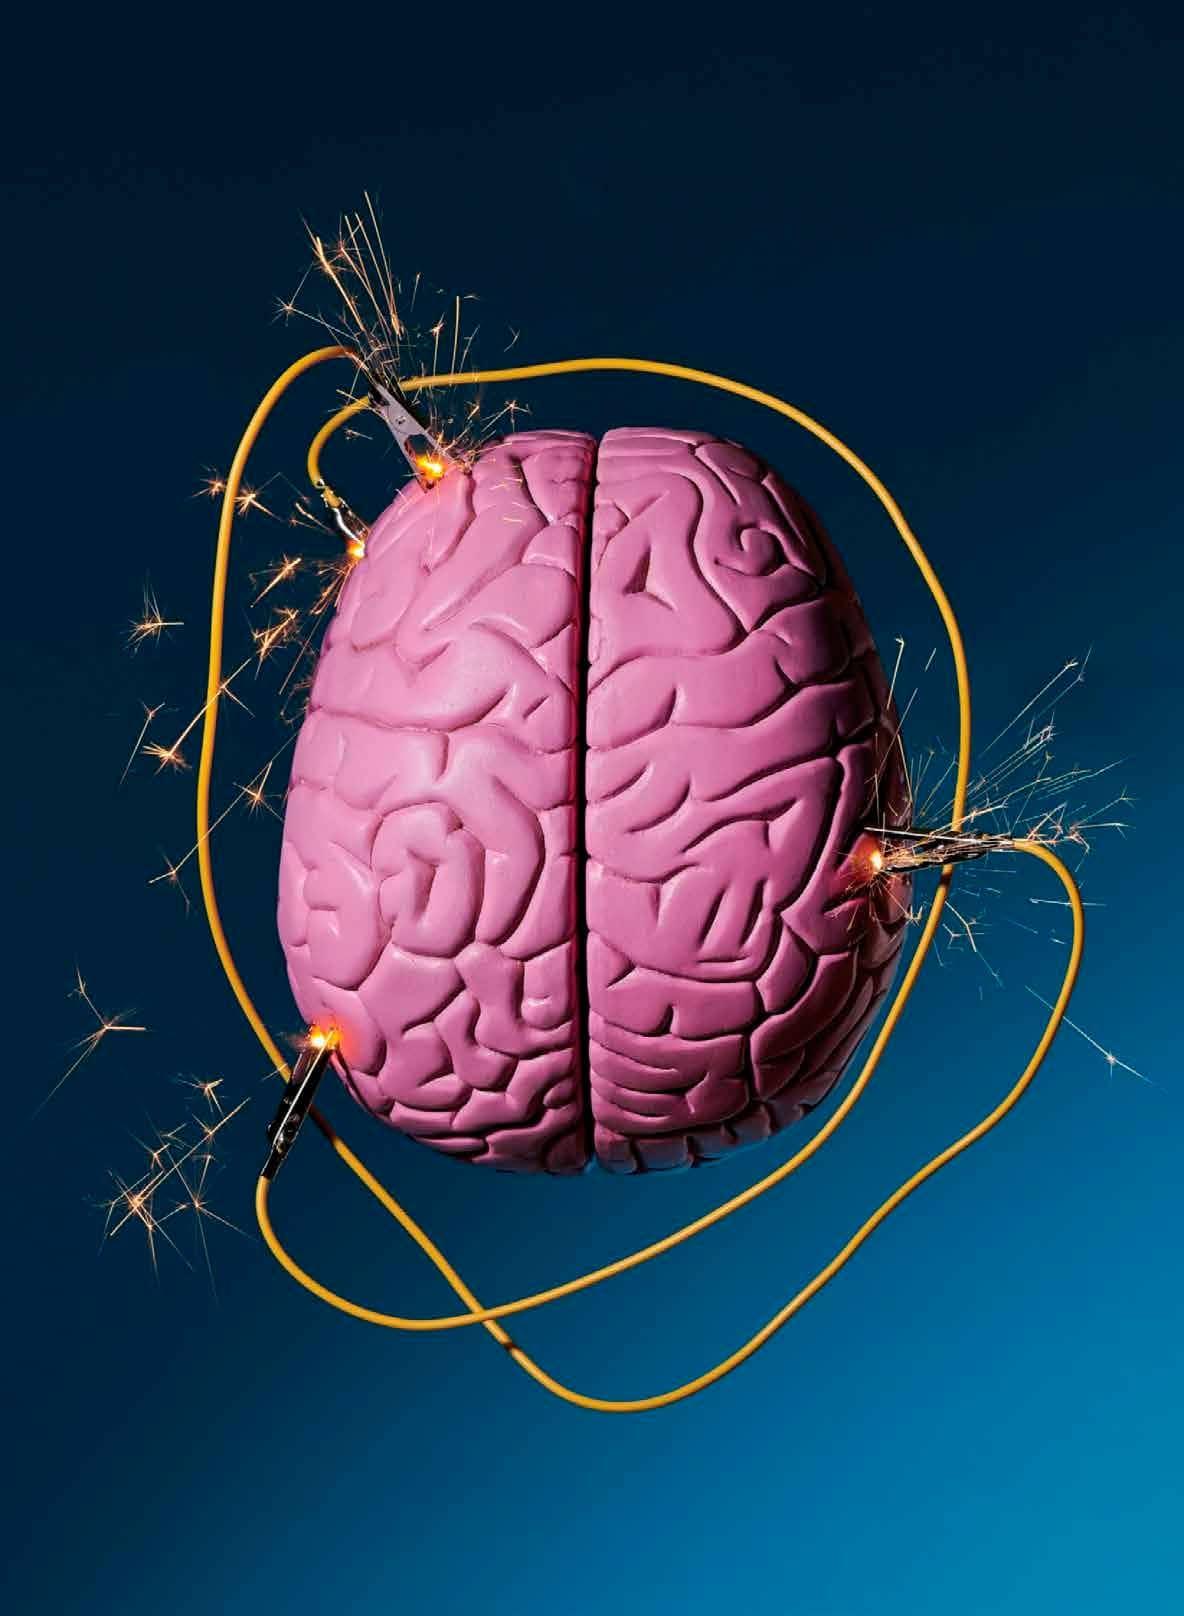 Tratamiento de lesiones cerebrales traumáticas cerca de mí